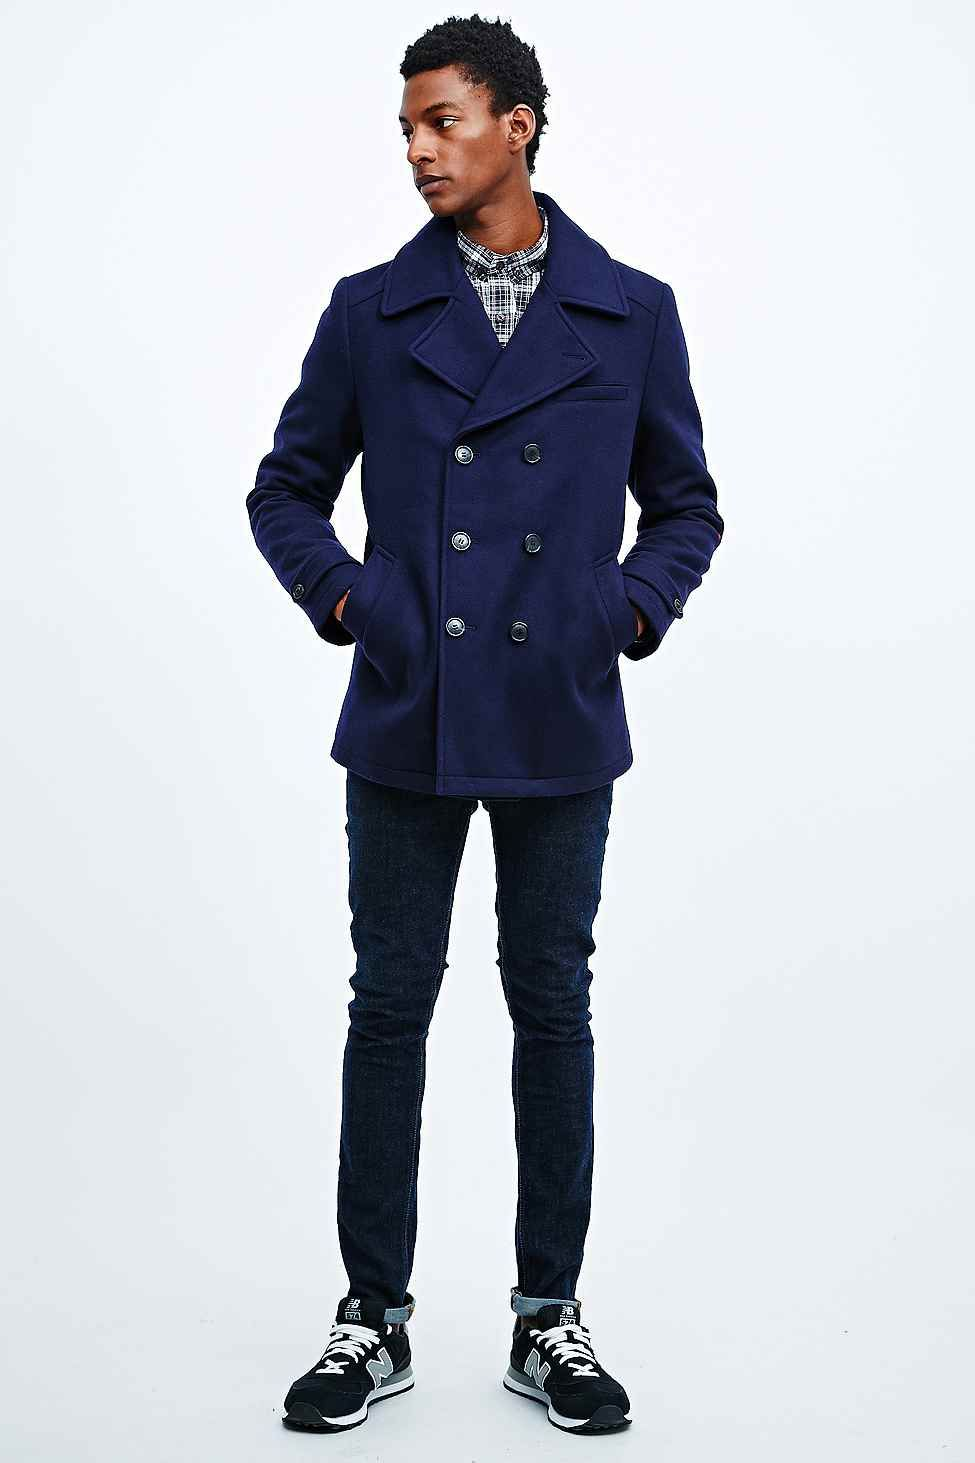 konkurs destillering Avgå  Selected Homme Mercer DB Pea Coat in Navy | Peacoat, Coat ...